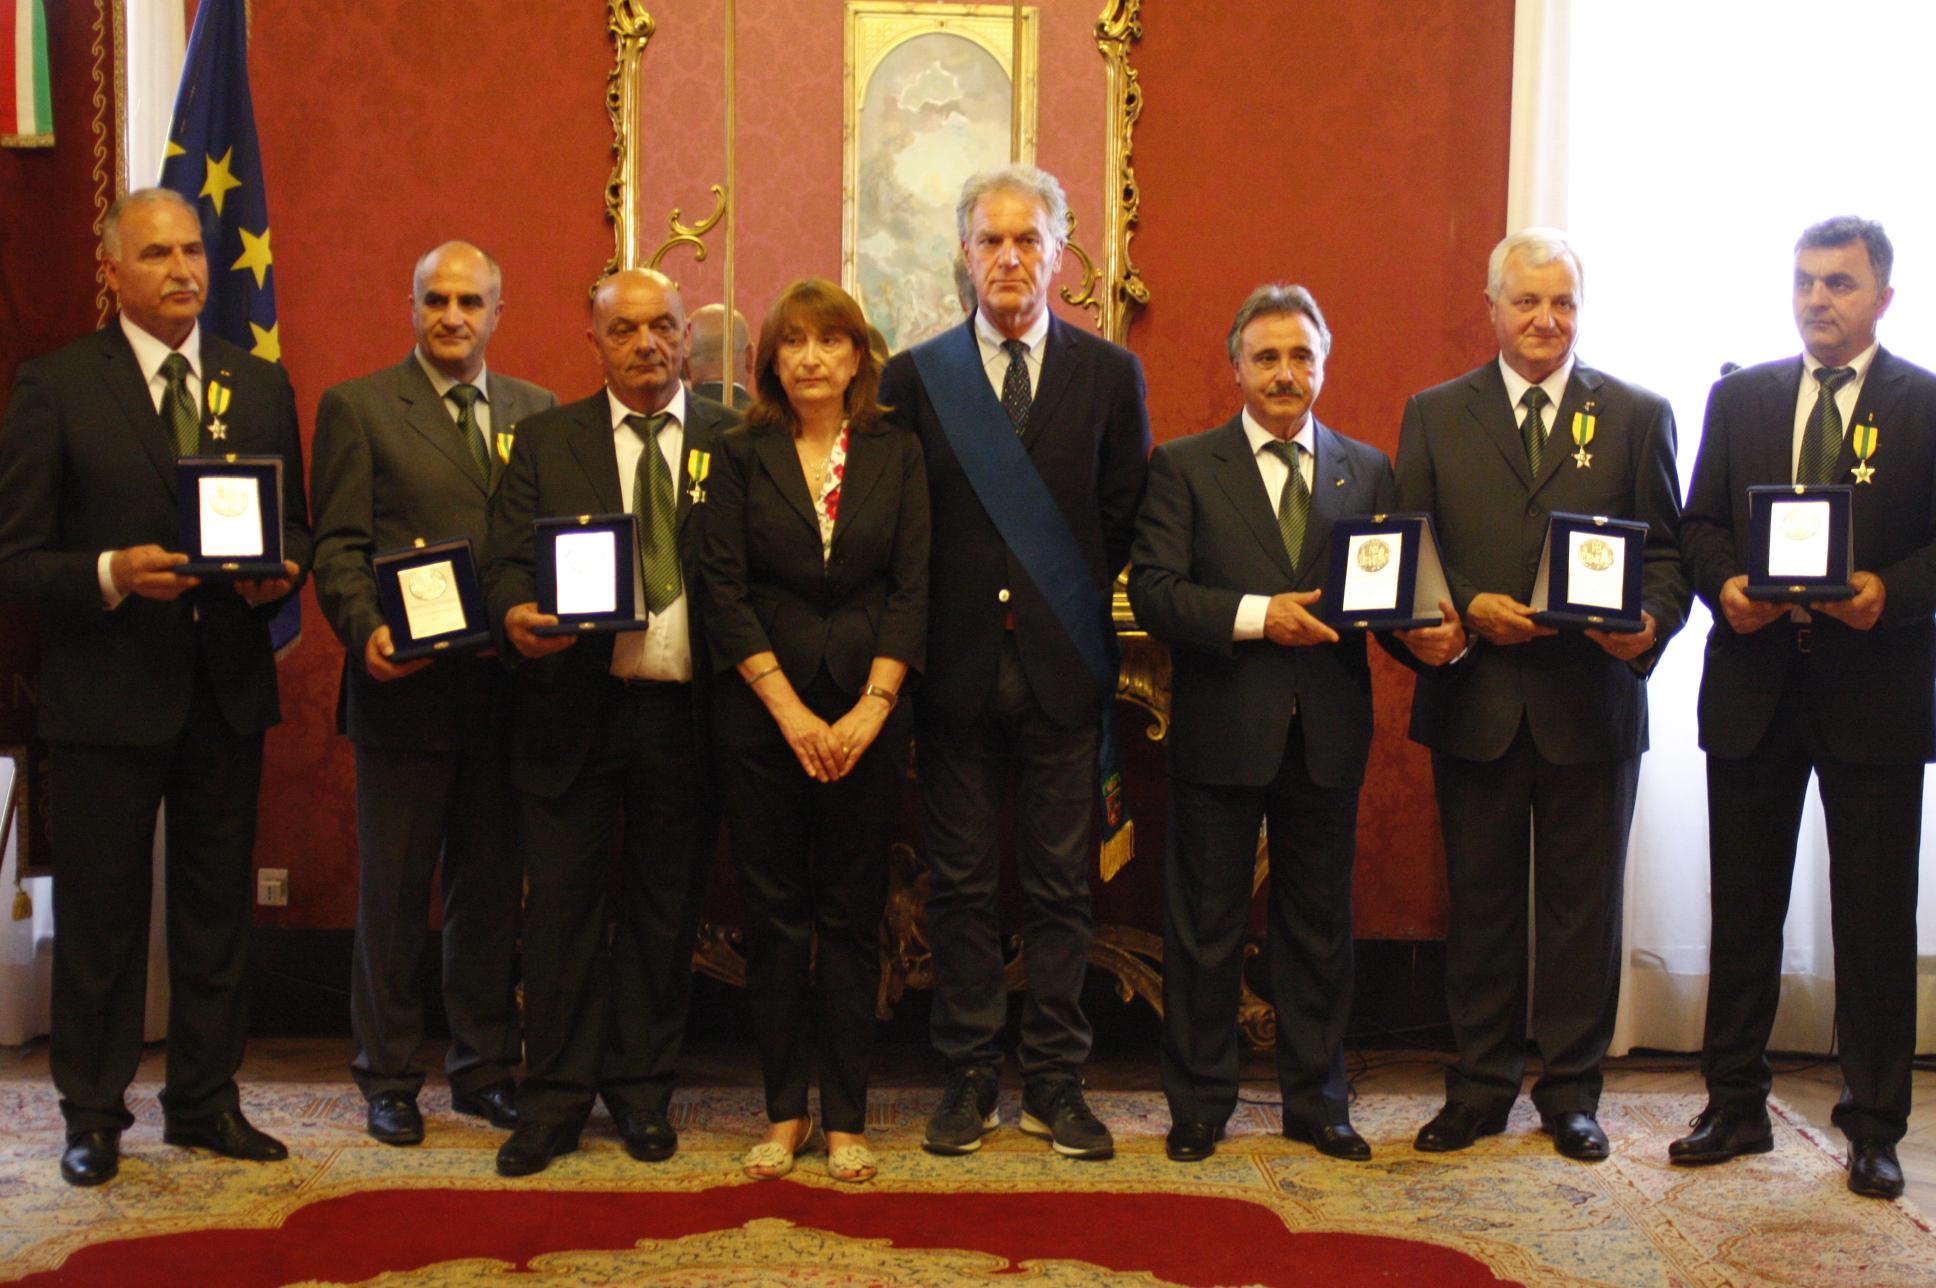 Cerimonia Maestri del lavoro 2012